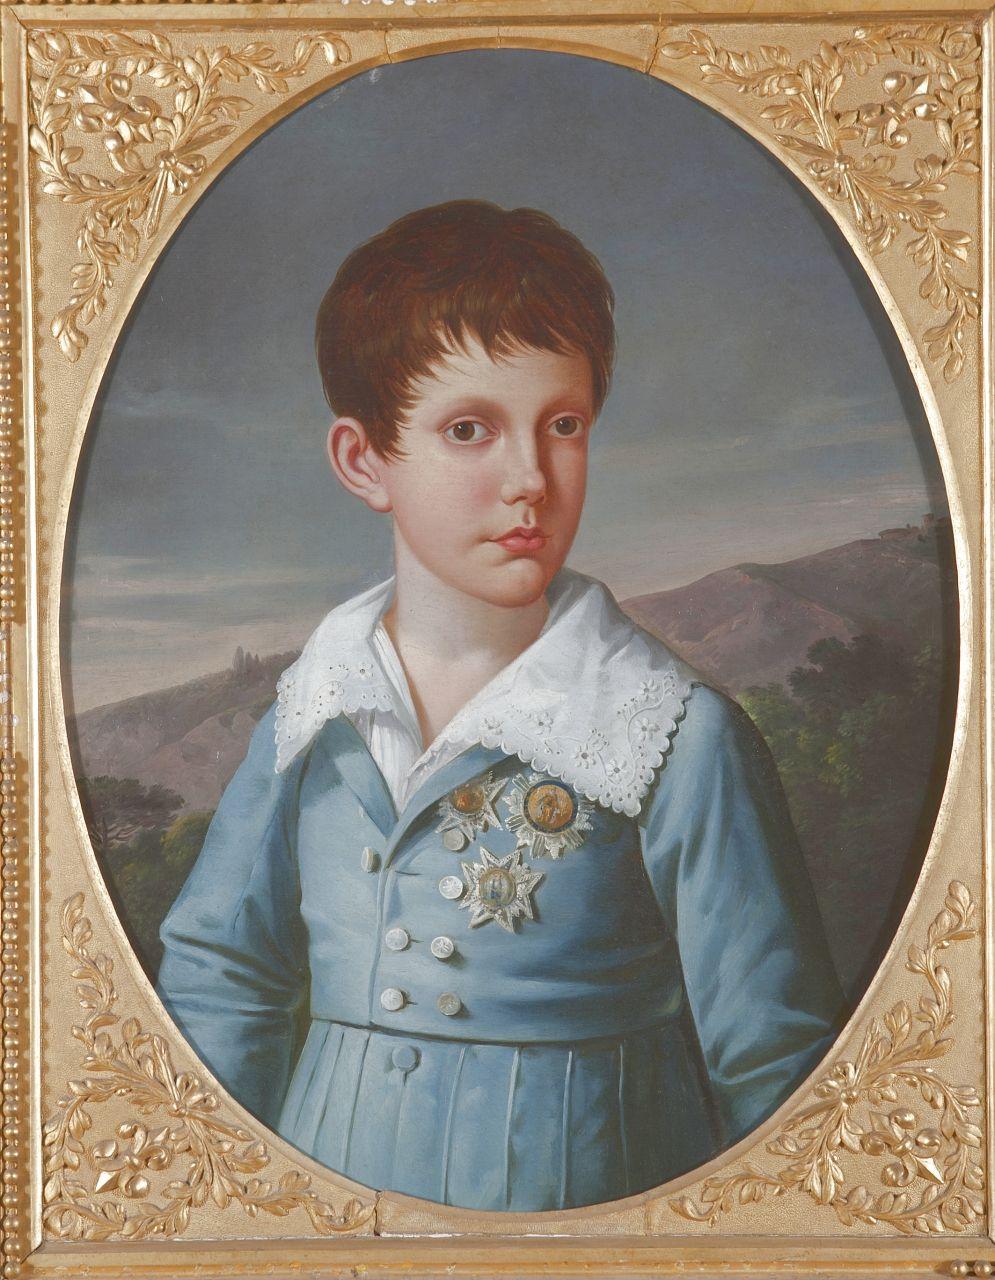 Ferdinando Carlo of the Two Sicilies (1810-1859)